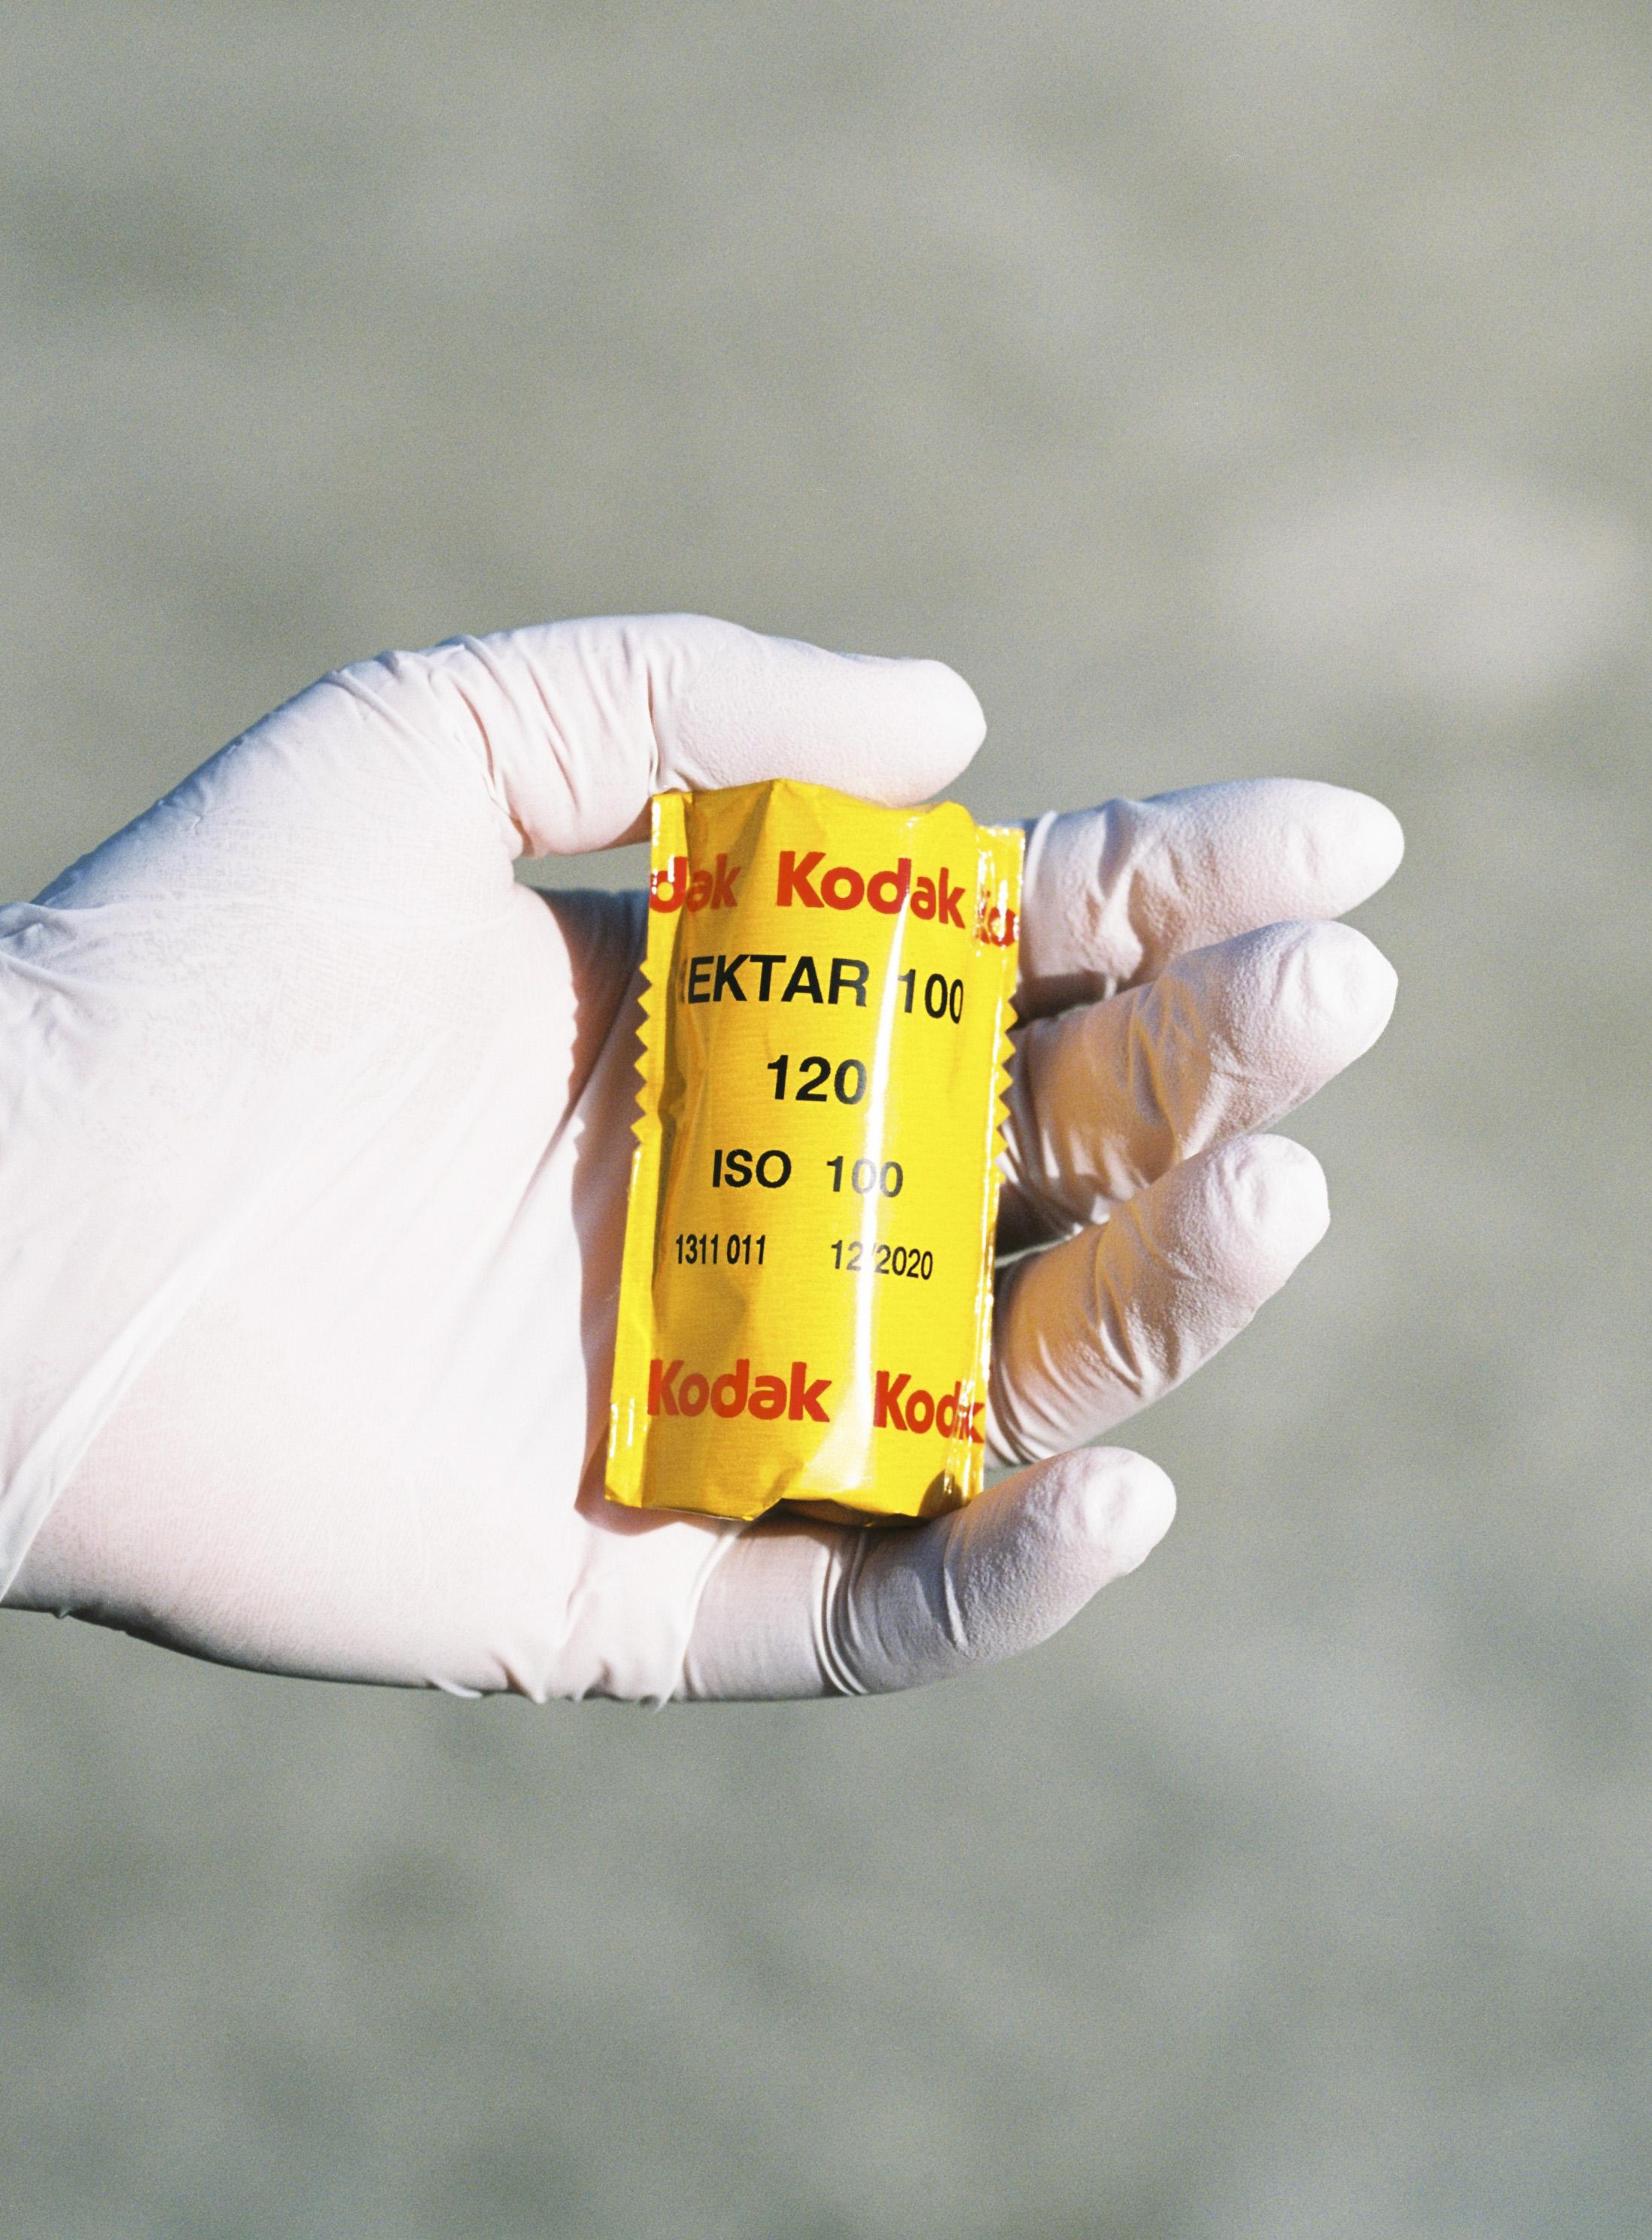 ektar 120 film packaging